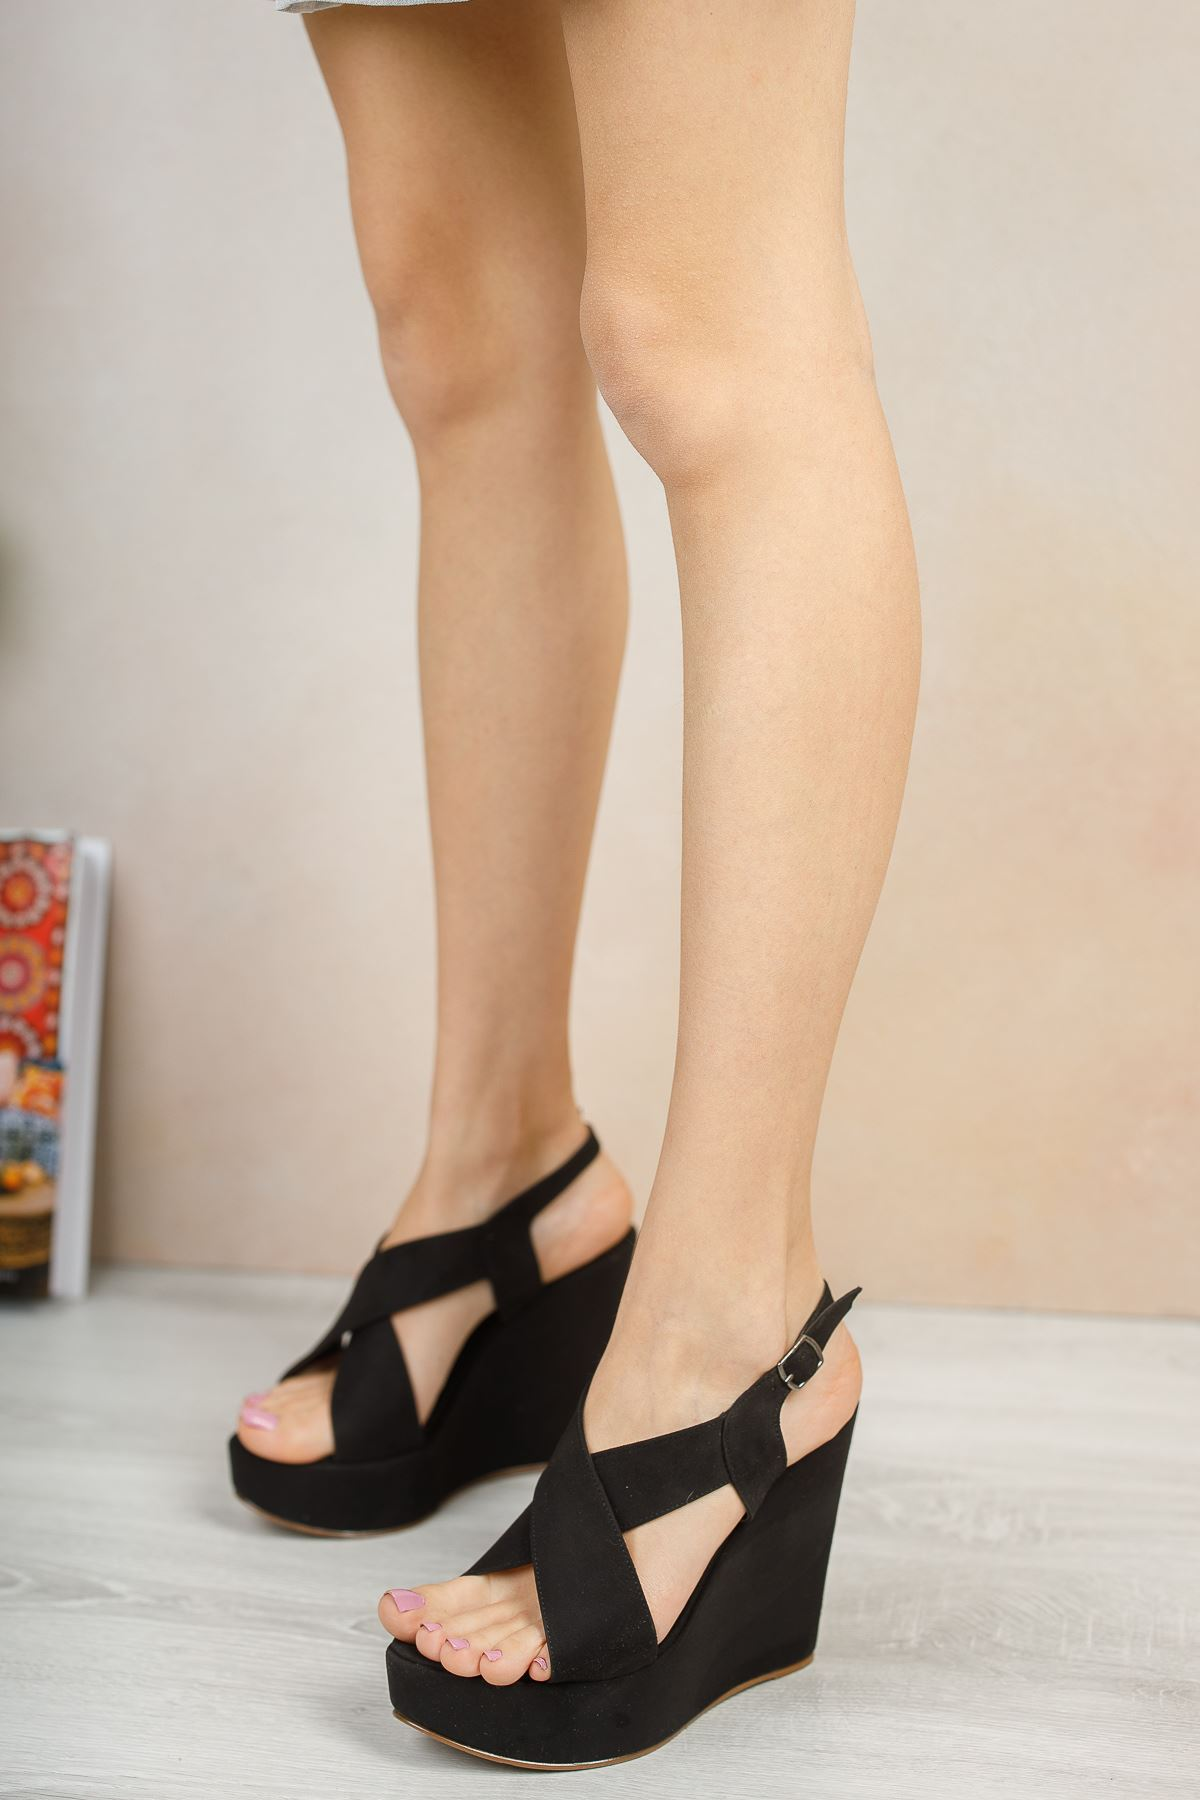 Daniela Siyah Süet  Dolgu Topuklu Kadın Ayakkabı